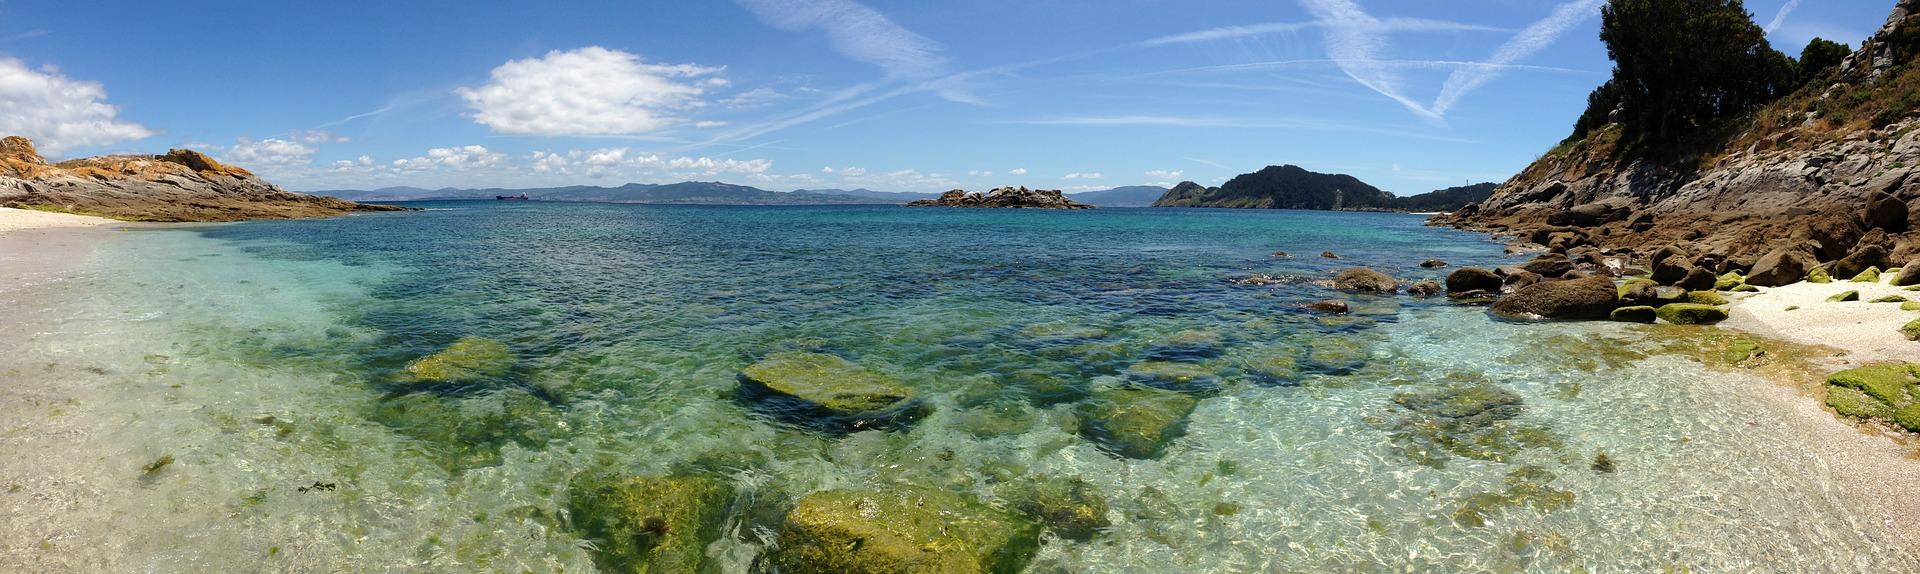 Océan Indien: les îles Éparses sont-elles des territoires français ou malgaches?